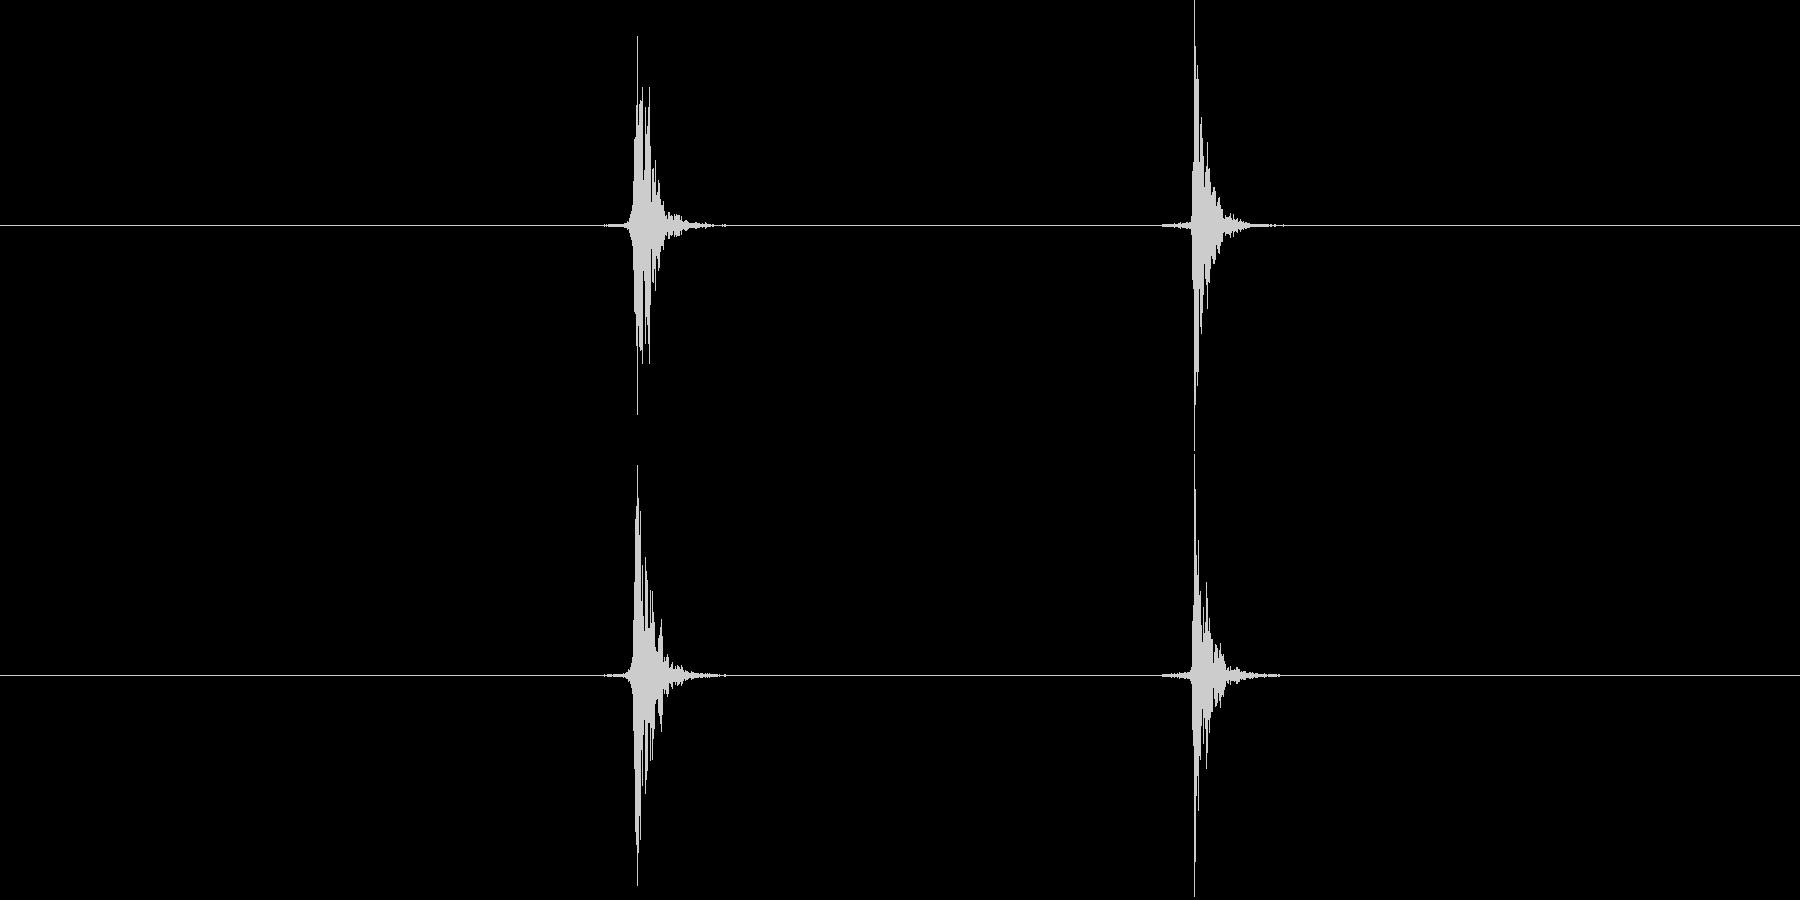 【生音】手・叩く - 3 「ぱんぱんっ」の未再生の波形